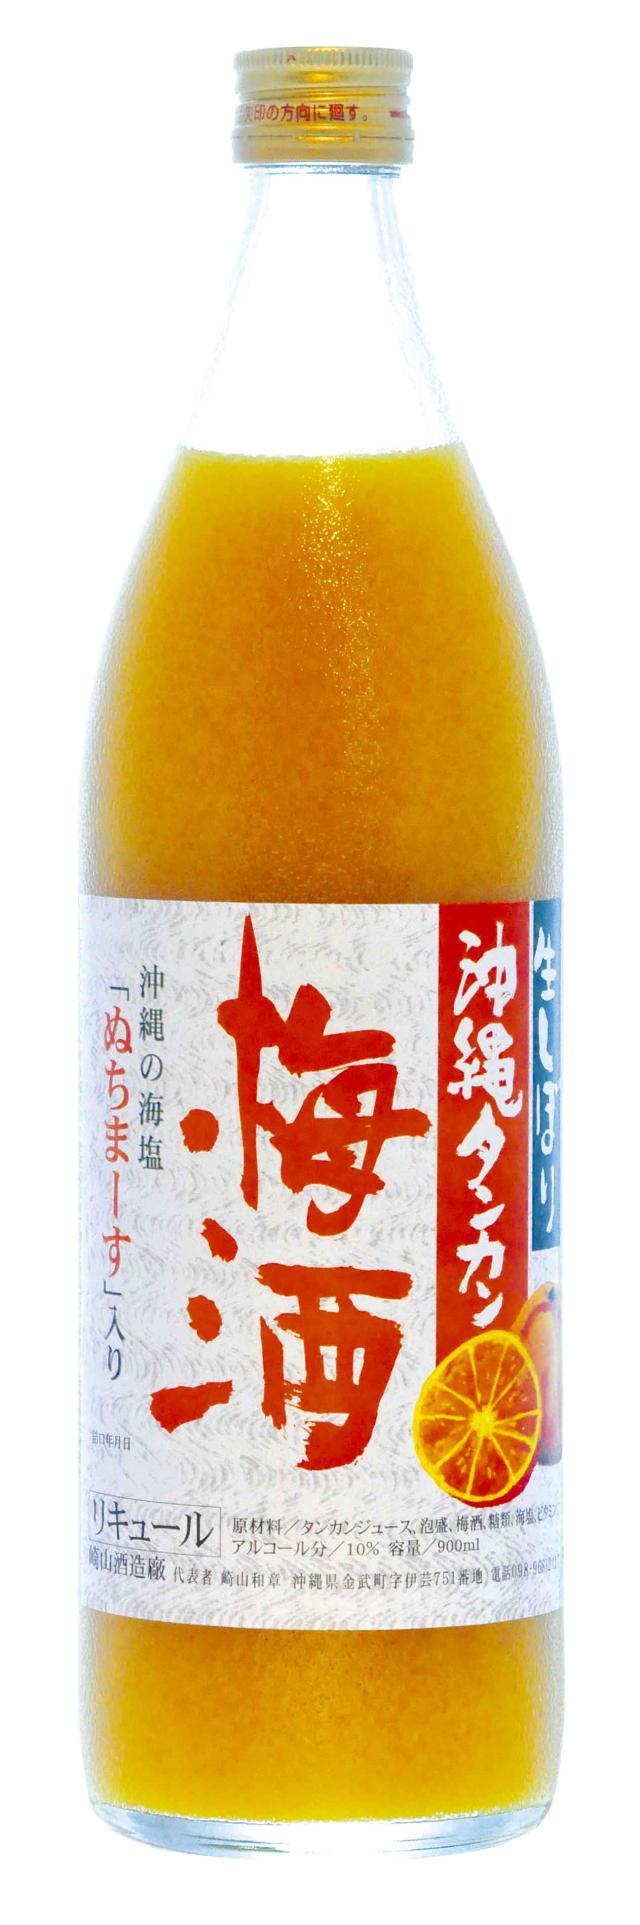 生しぼり 沖縄タンカン梅酒 (900ml)